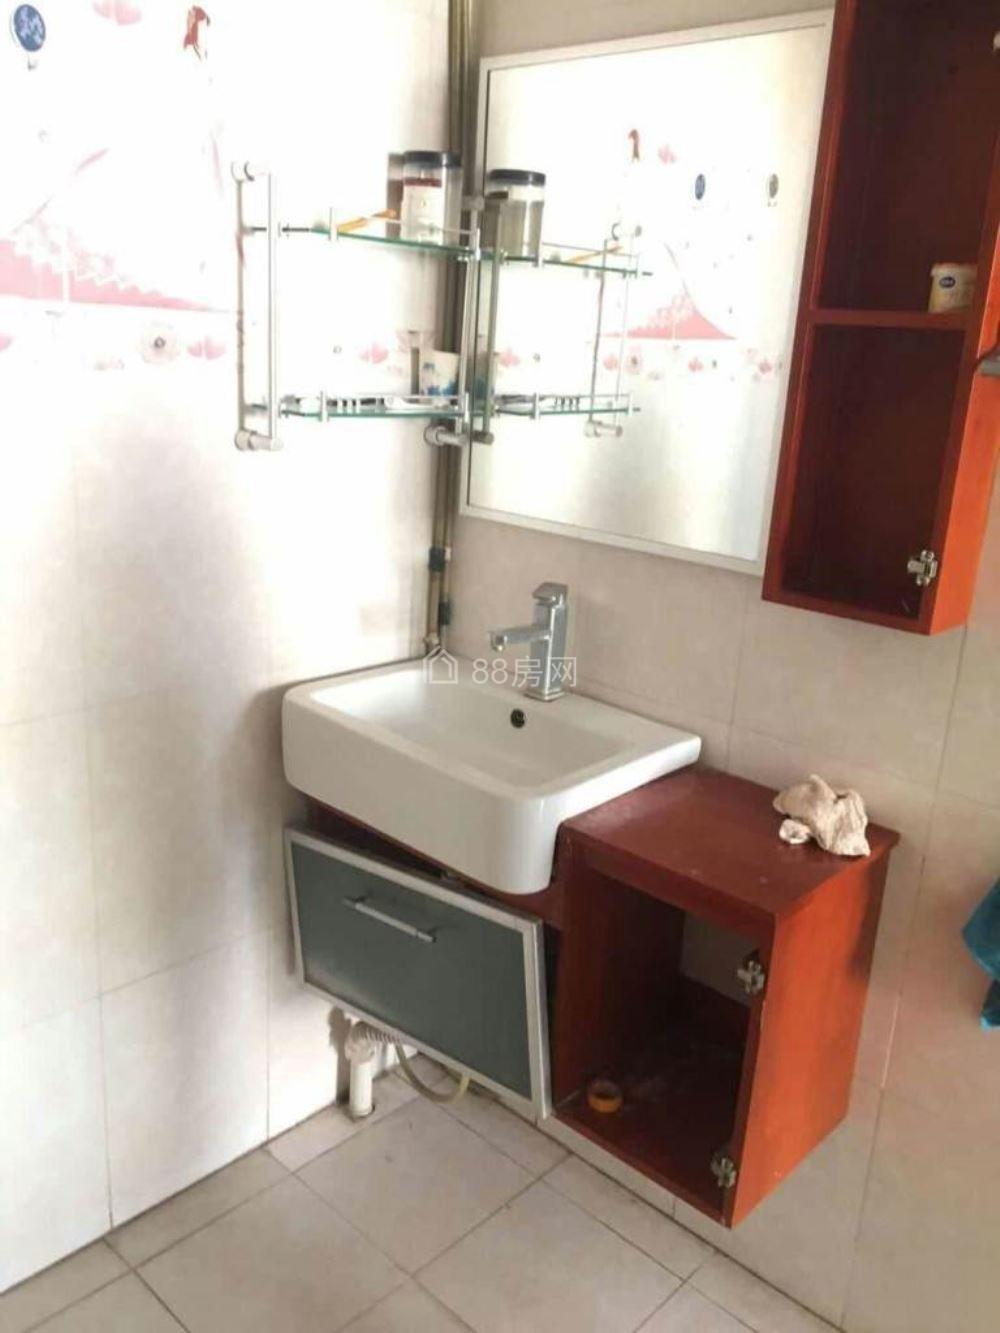 子午路沃尔玛城市尚峰中艺酒店40平米公寓带家具出租800元